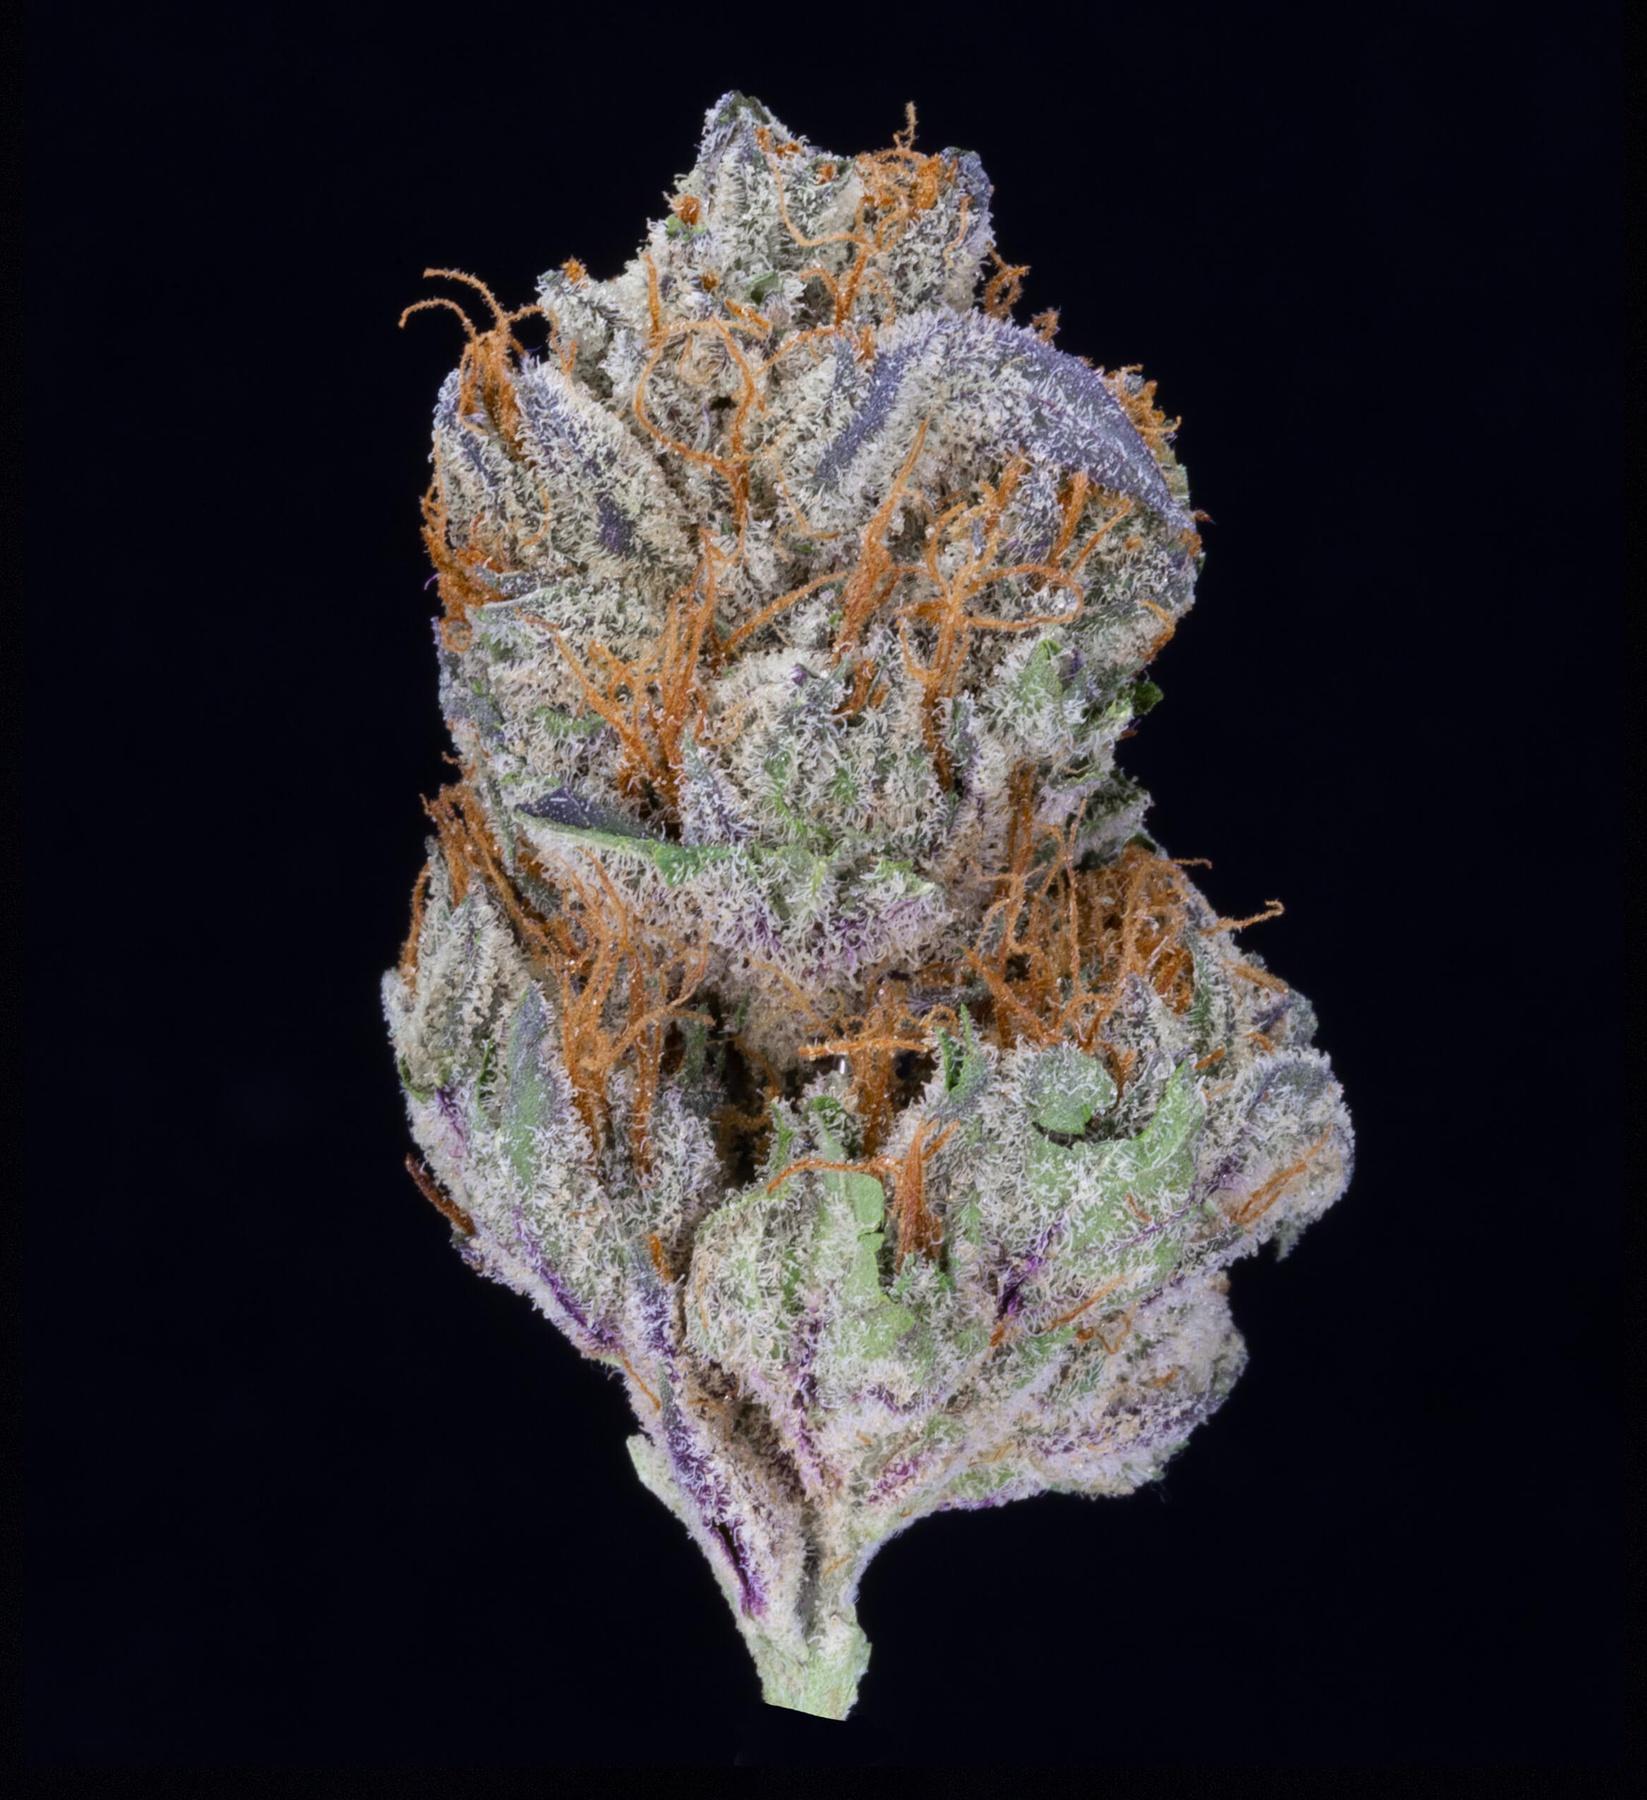 Blackwater OG #9 (AU Limit: 3.5g TOTAL flower / No Med Limit) Product image